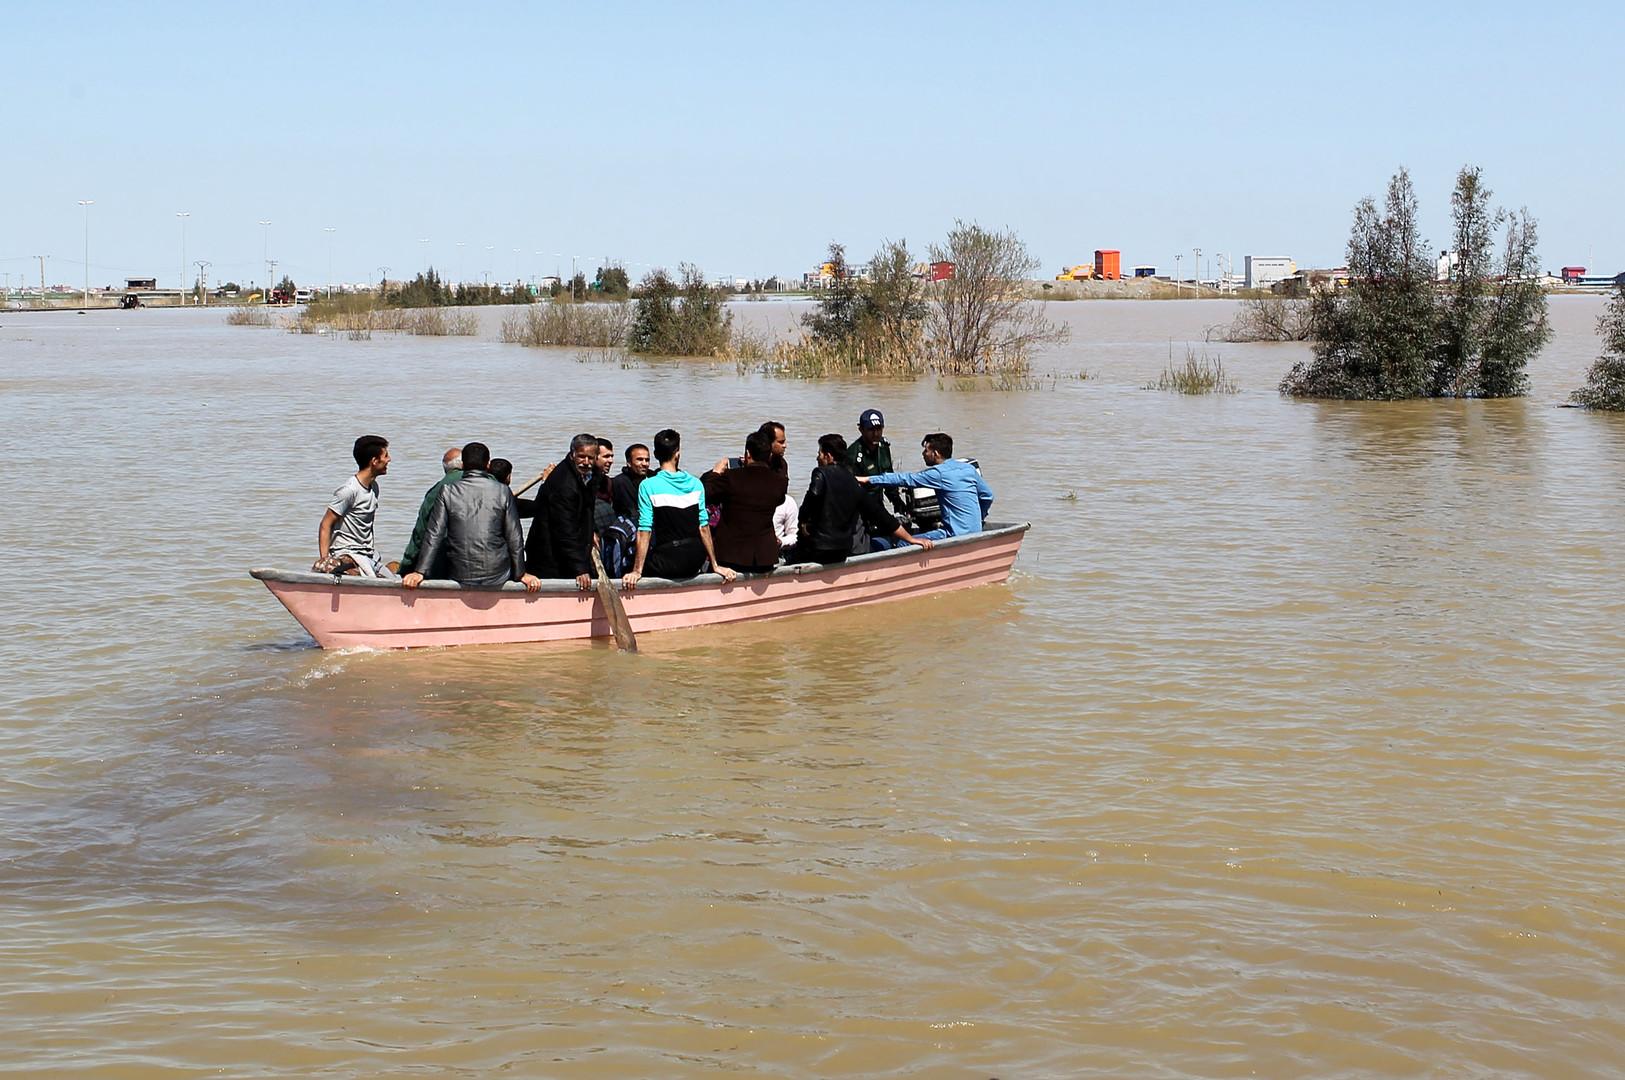 Überschwemmungskatastrophe im Iran: US-Sanktionen erschweren Hilfs- und Rettungsaktionen